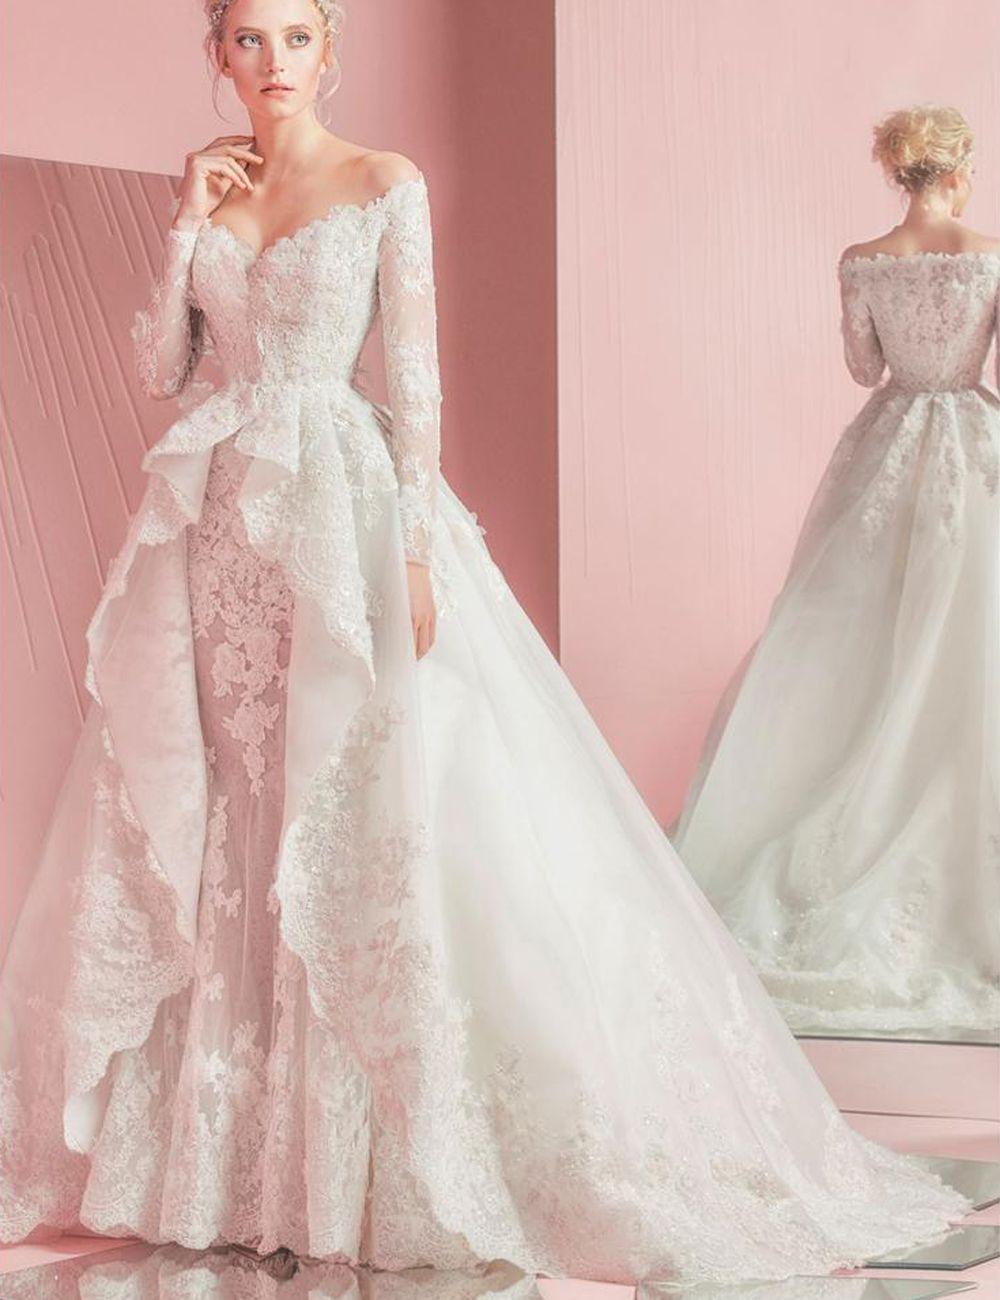 Find More Wedding Dresses Information about 2015 Promotion Vintage ...